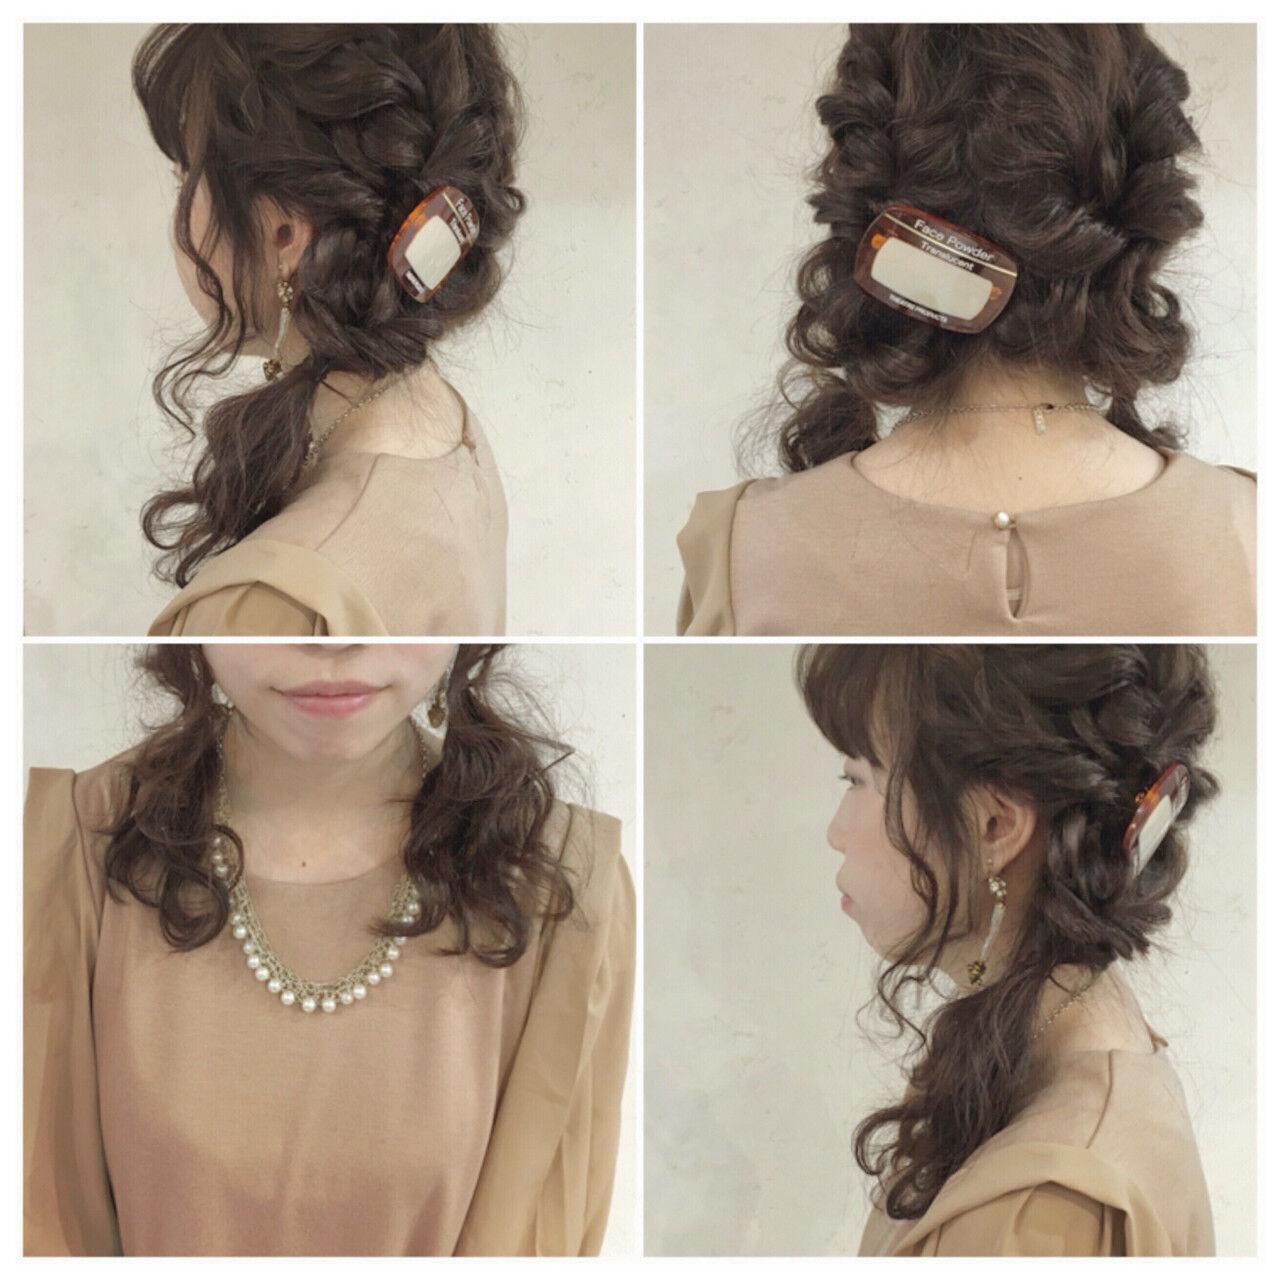 波ウェーブ 結婚式 セミロング ツインテールヘアスタイルや髪型の写真・画像